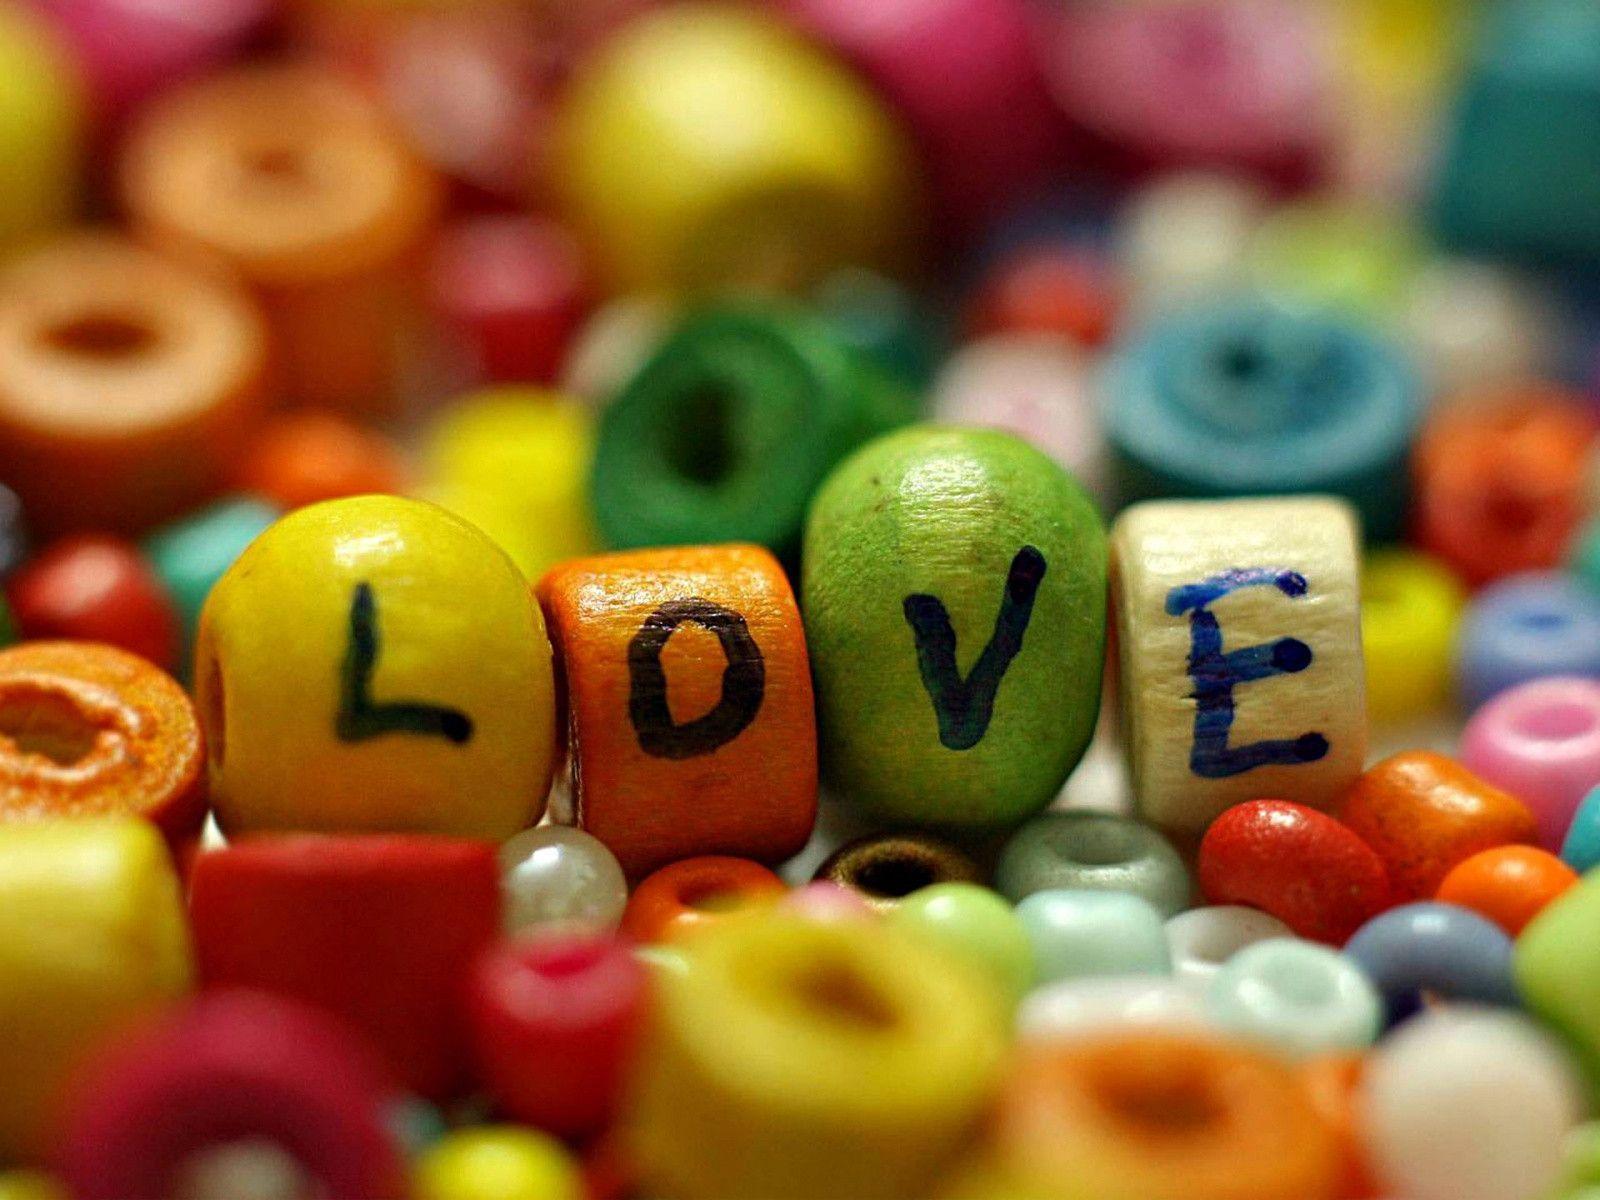 Cool Wallpaper Love Cute - qWvMwh2  Pic_1183.jpg